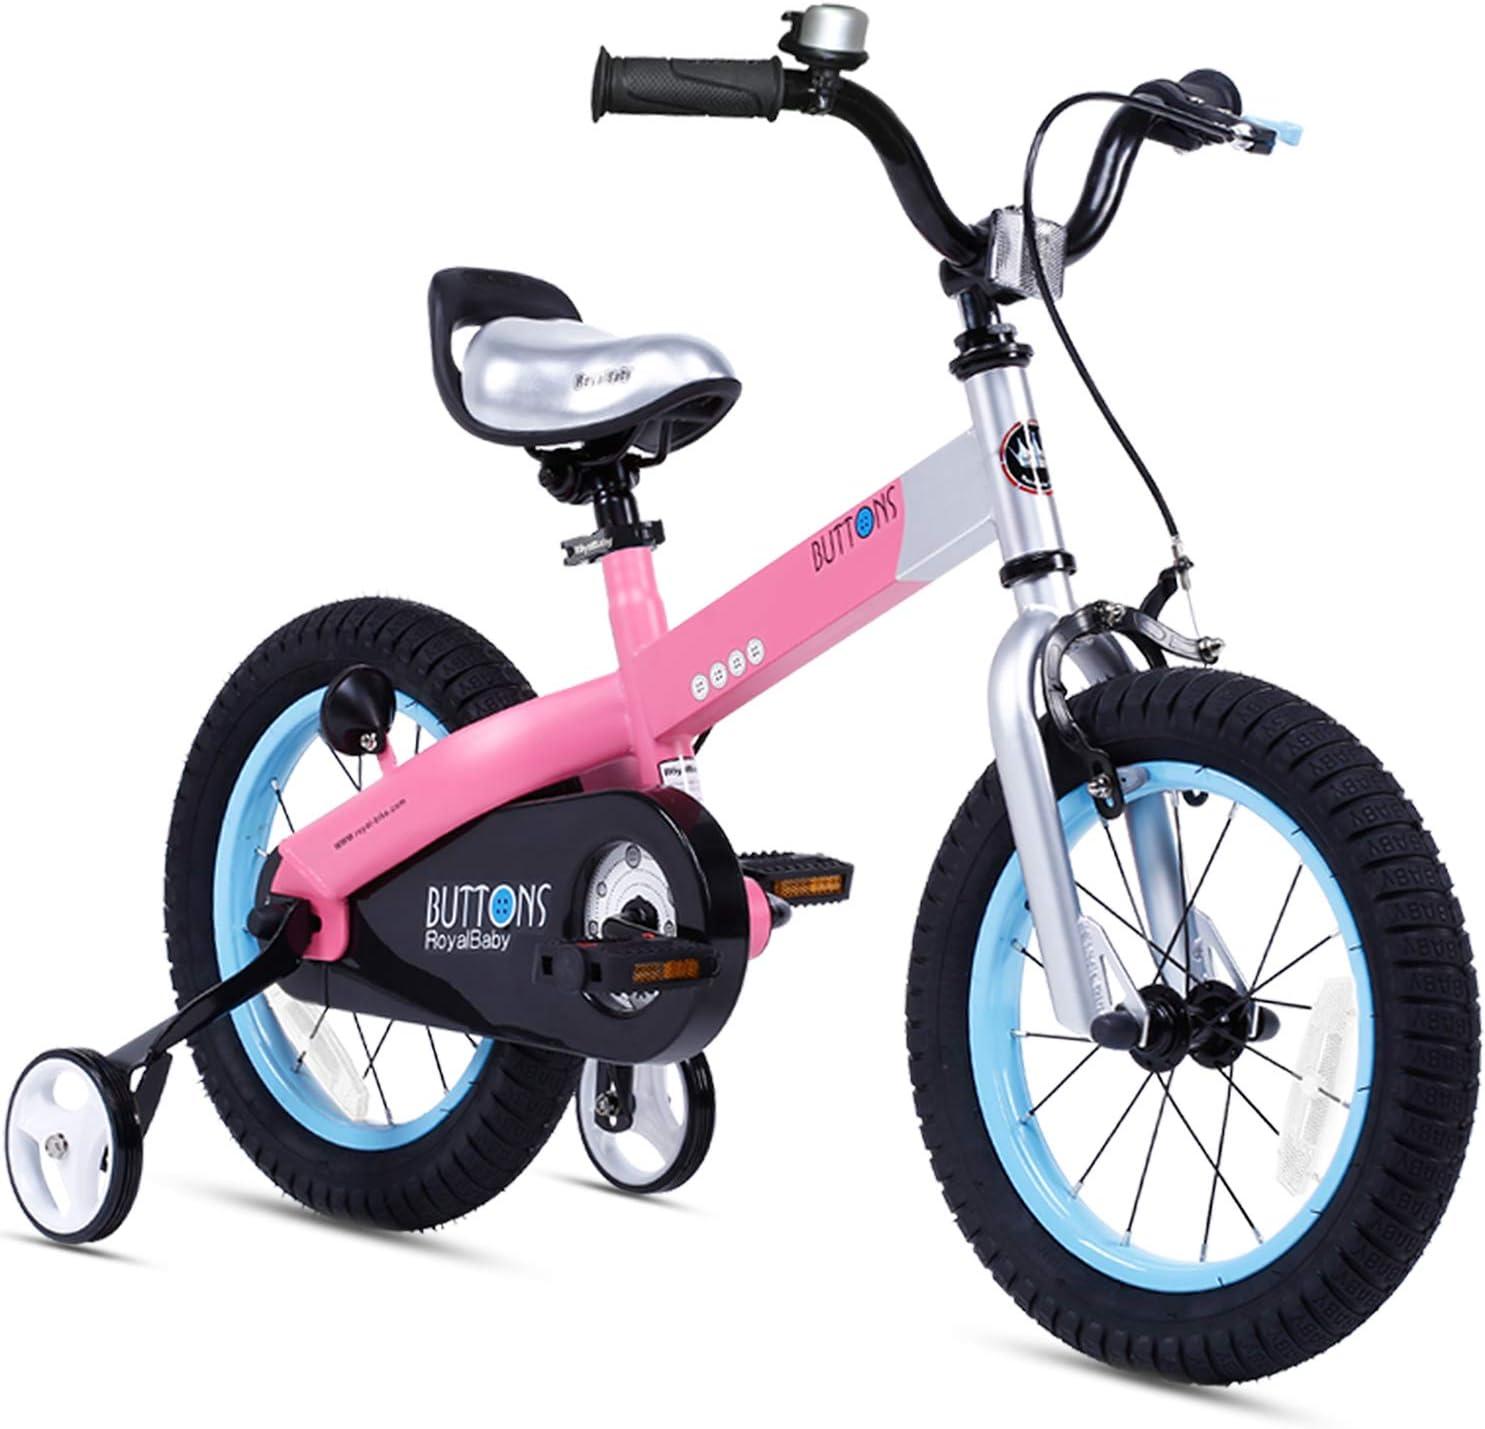 RoyalBaby Boys/ Girls Kids Bike